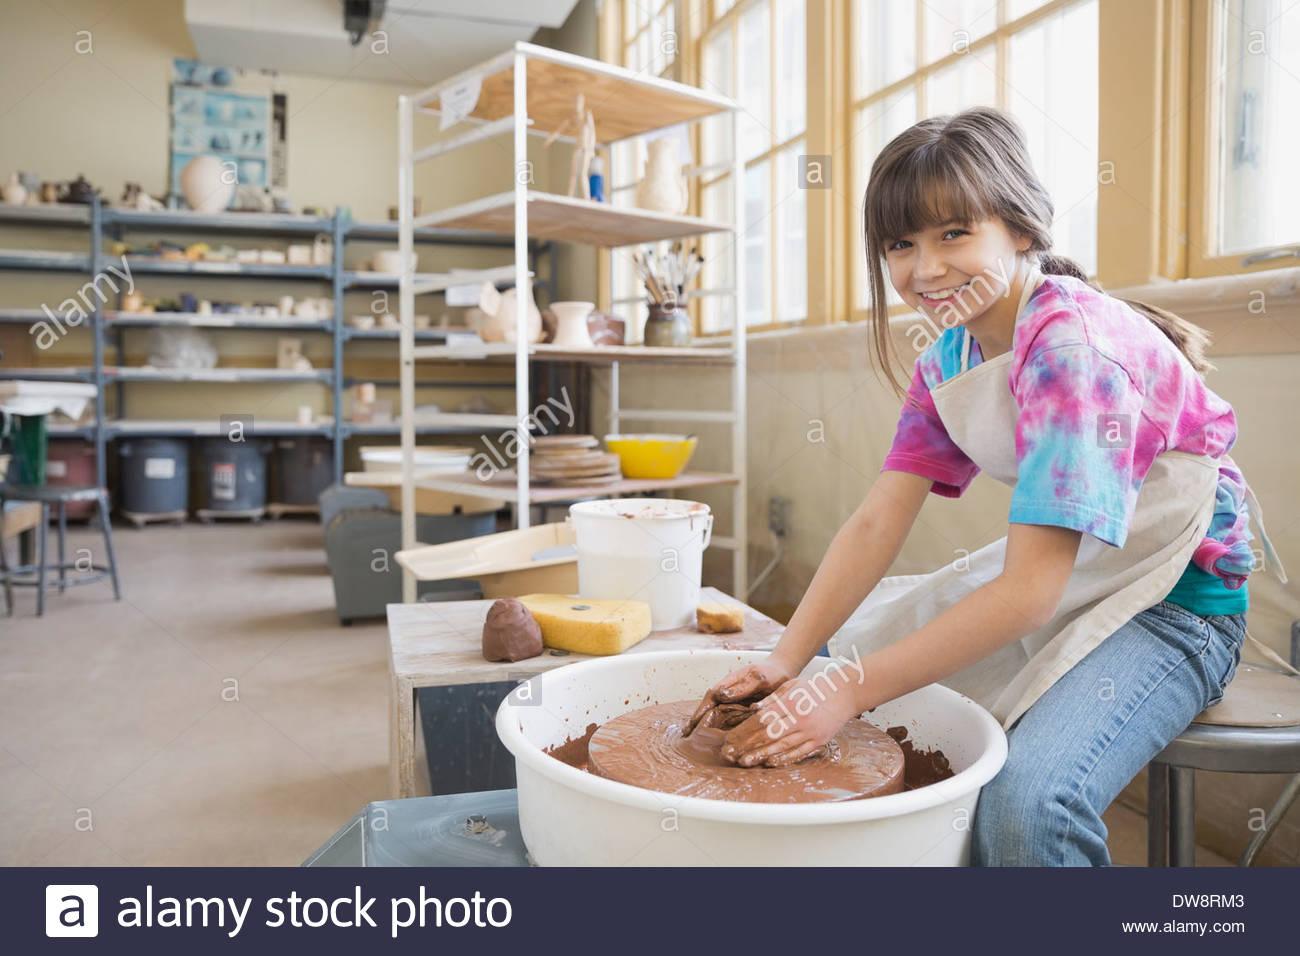 Porträt von Mädchen auf der Töpferscheibe Stockbild